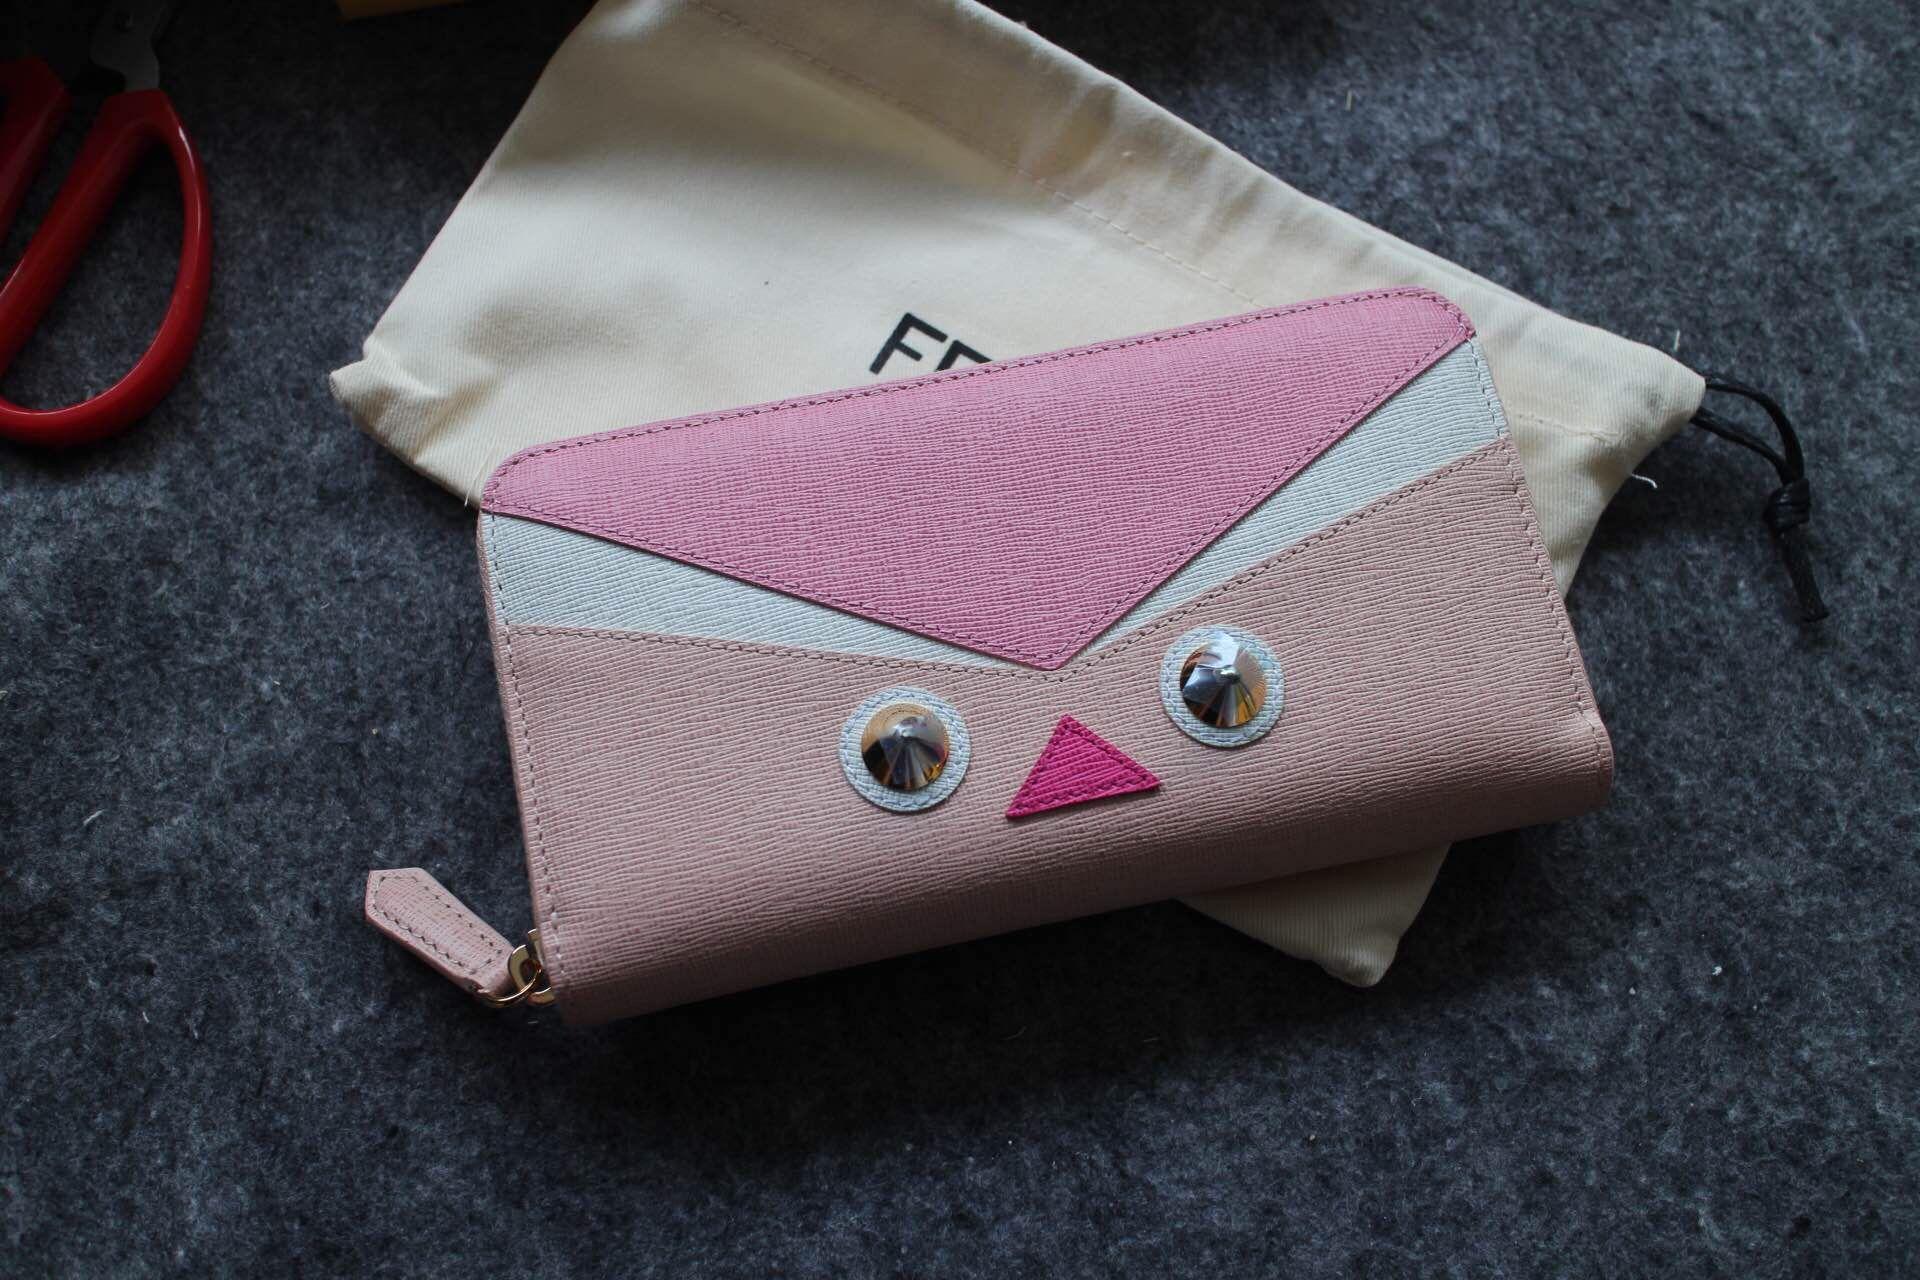 de0c263ef3e Fendi Crayons Wallet pink/white 2015 | Fendi Women's Bag Straps ...